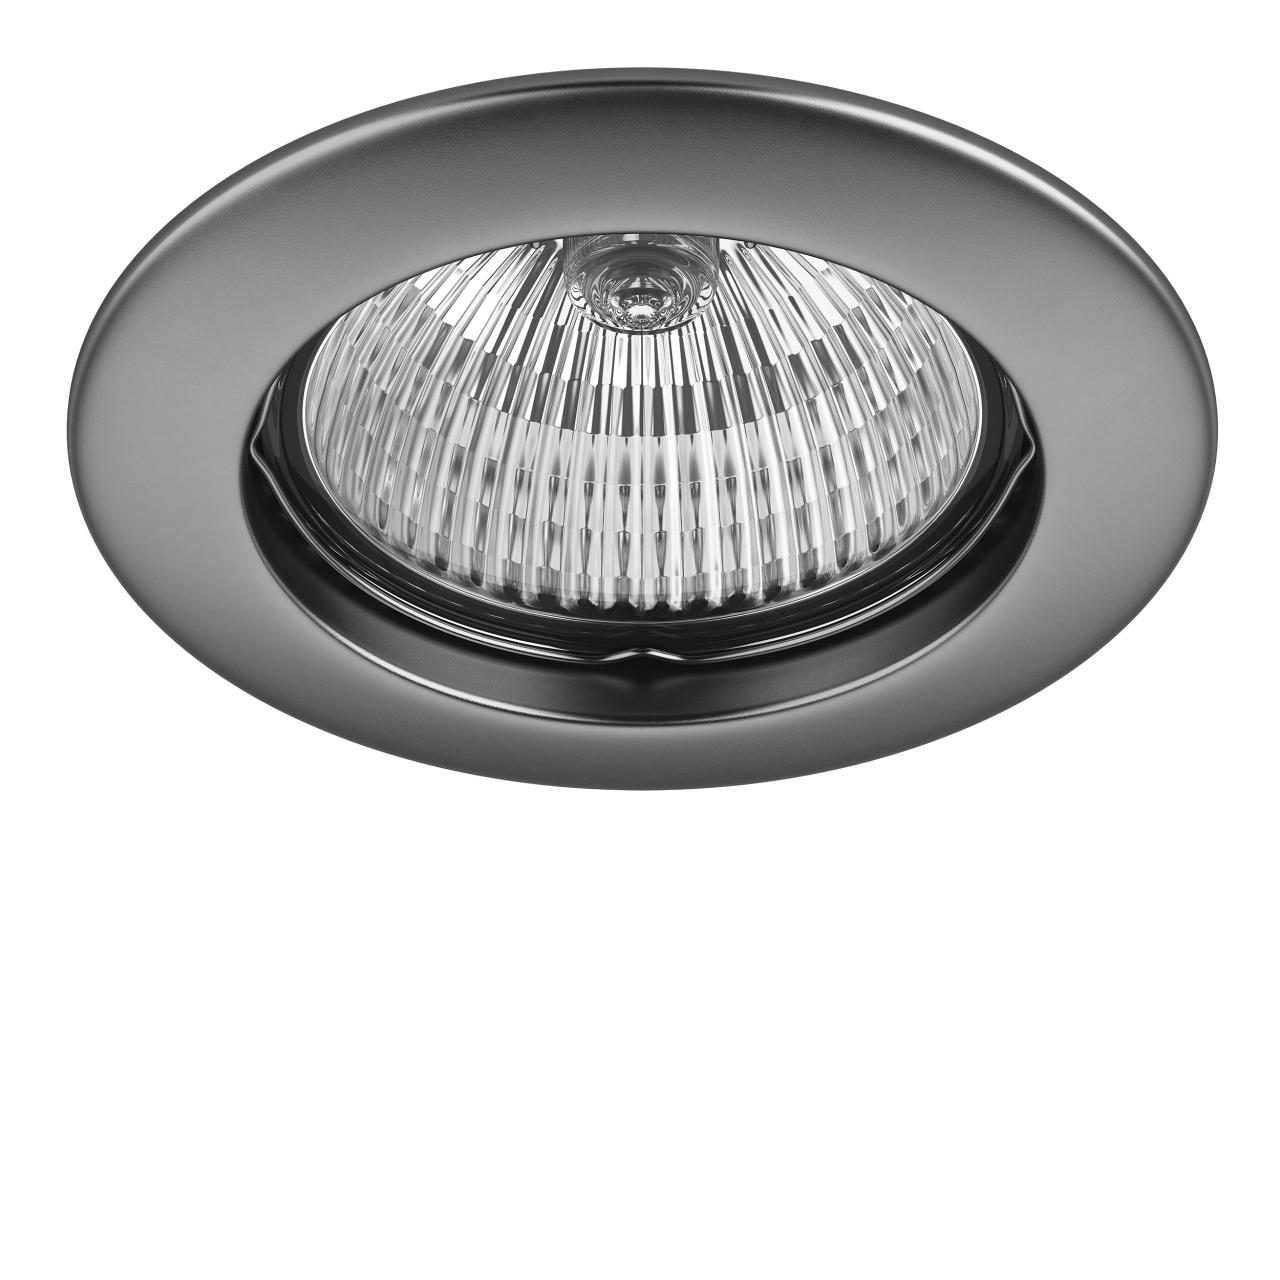 Светильник lega HI FIX MR16 / HP16 хром / матовый Lightstar 011019